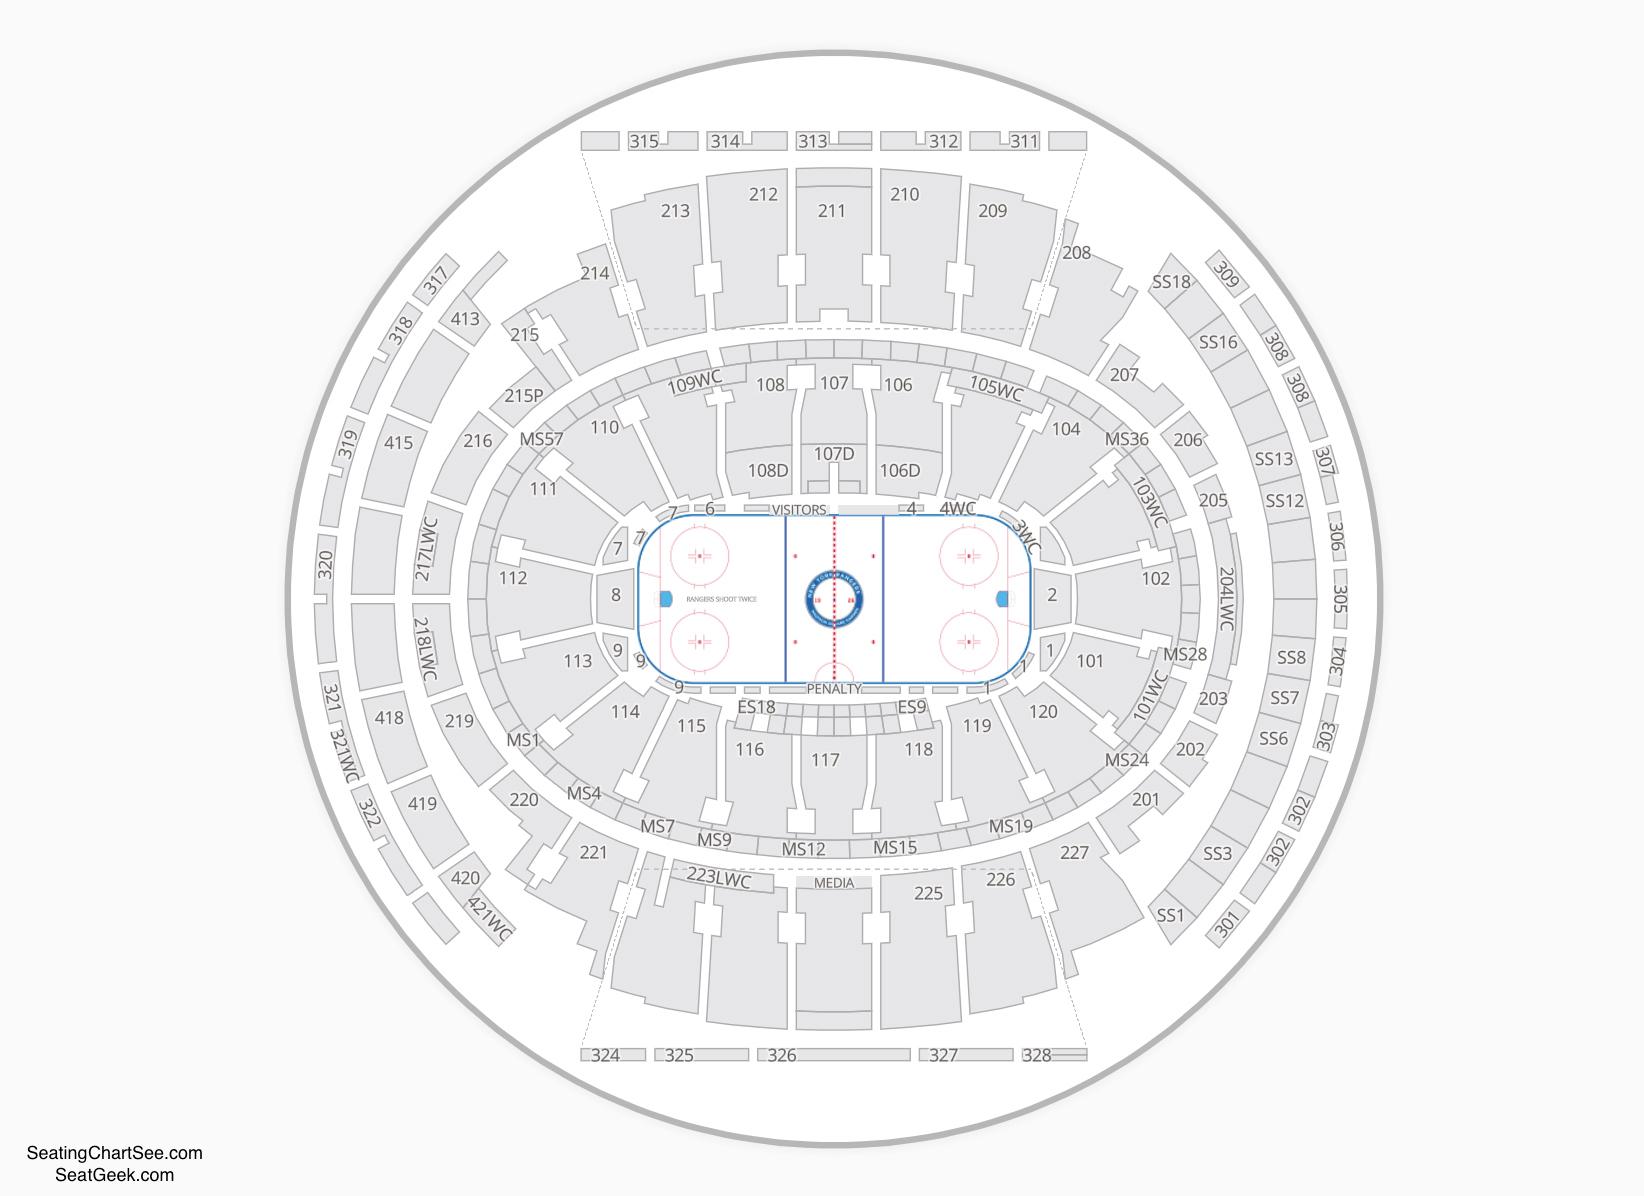 New York Rangers Seating Chart